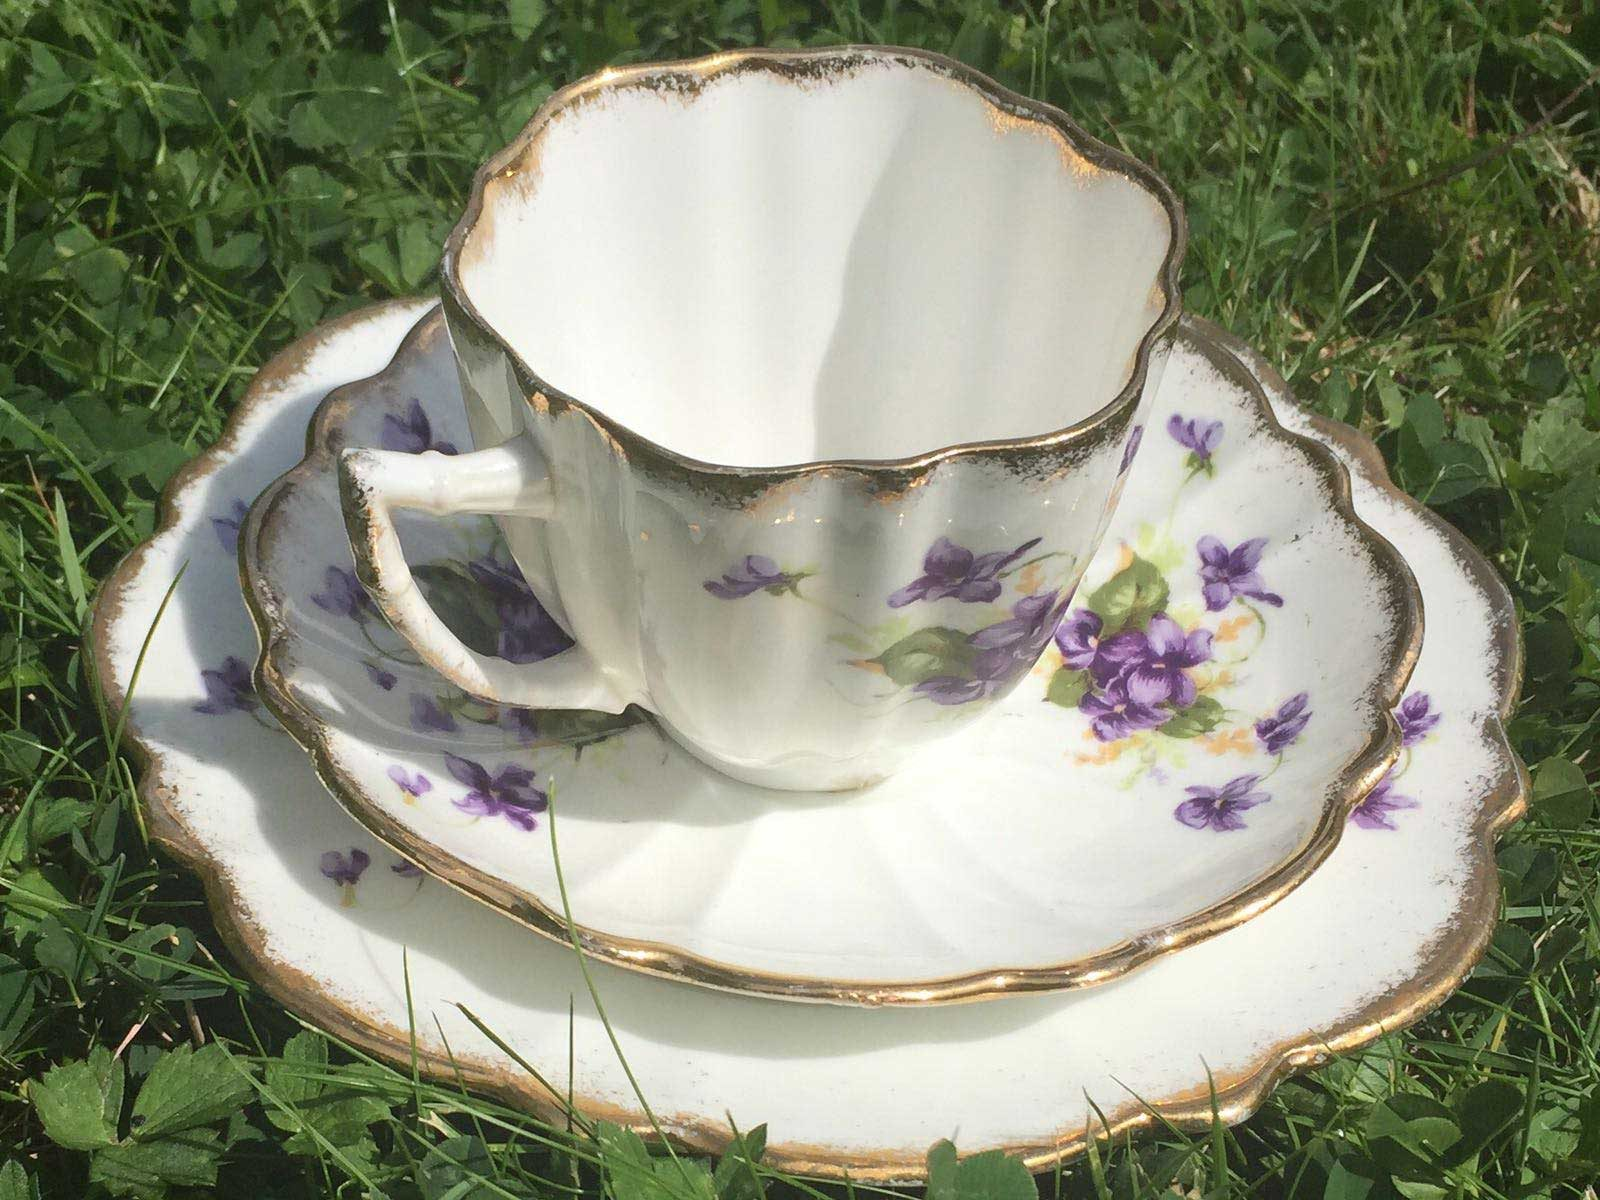 vintage teacup hire herts